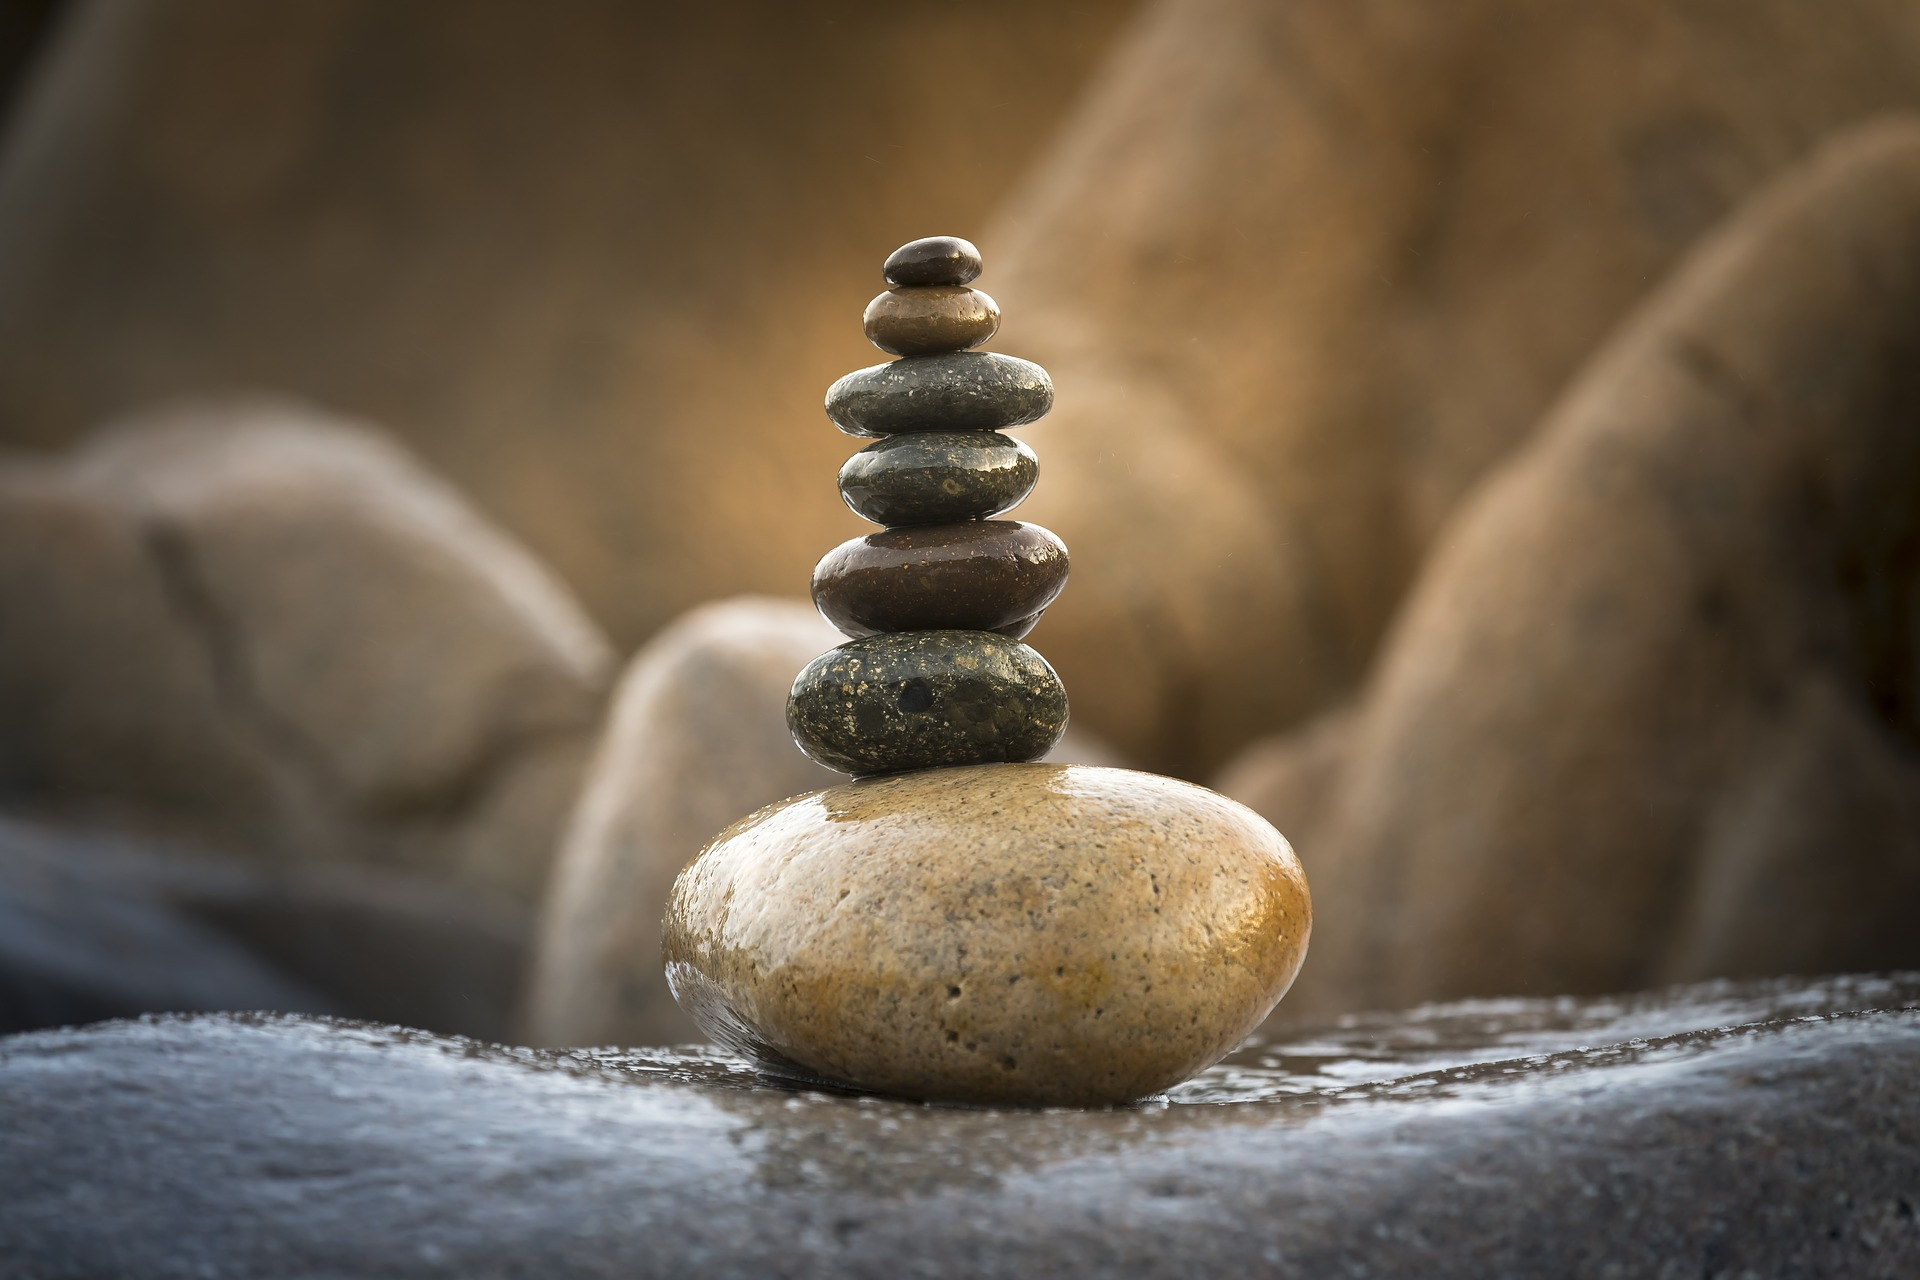 balance-3356548_1920